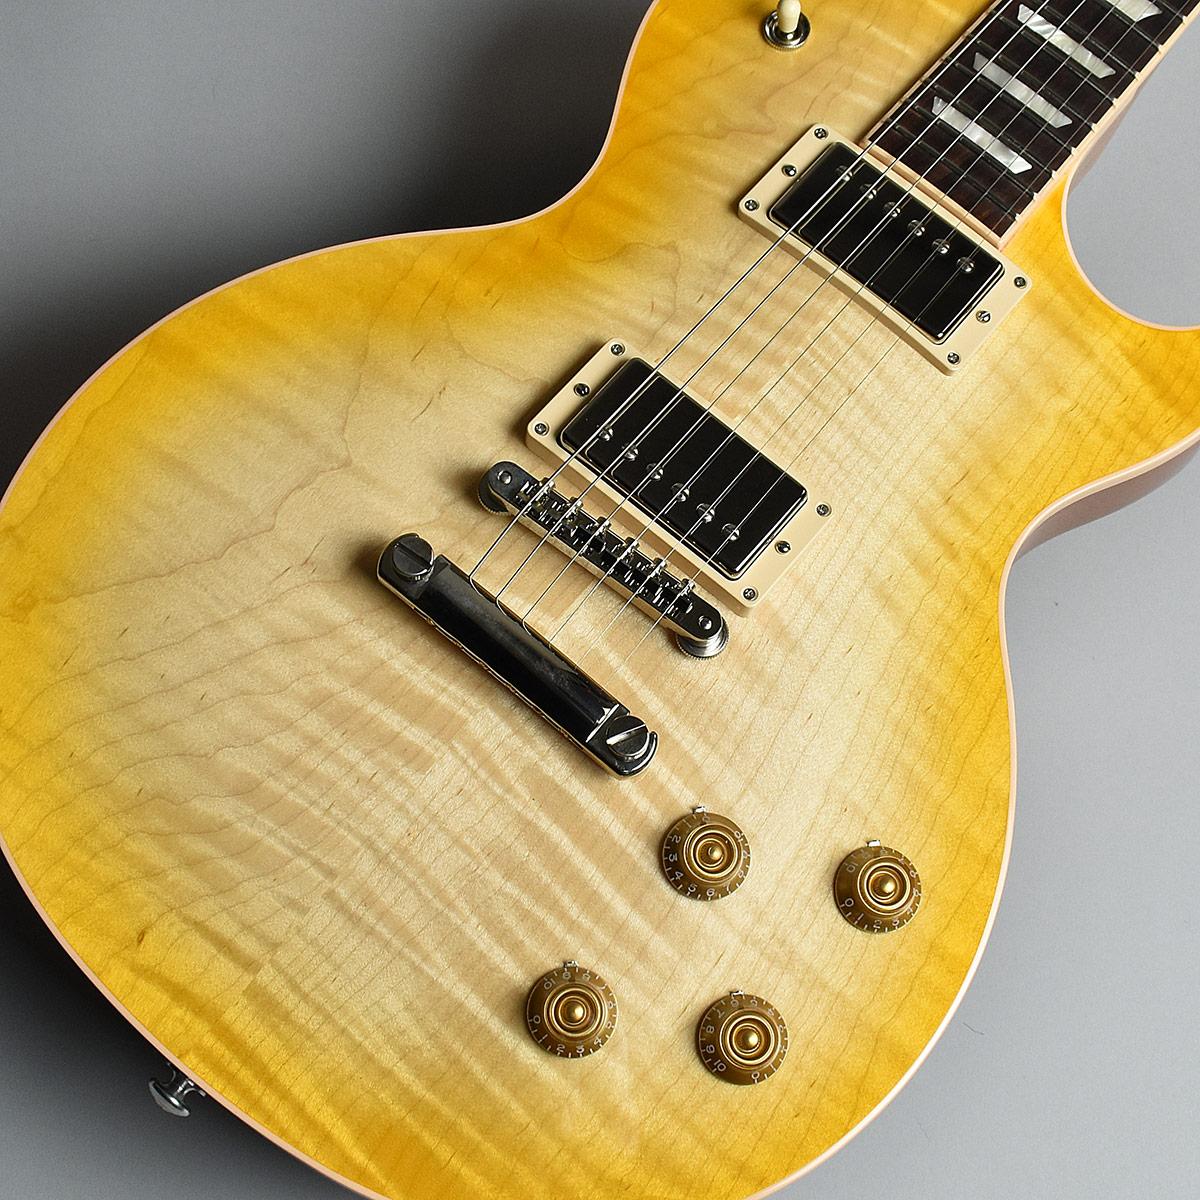 Gibson Les Paul Traditional T 2017 Antique Burst S/N:170070626 レスポールトラディショナル 【ギブソン】【未展示品】